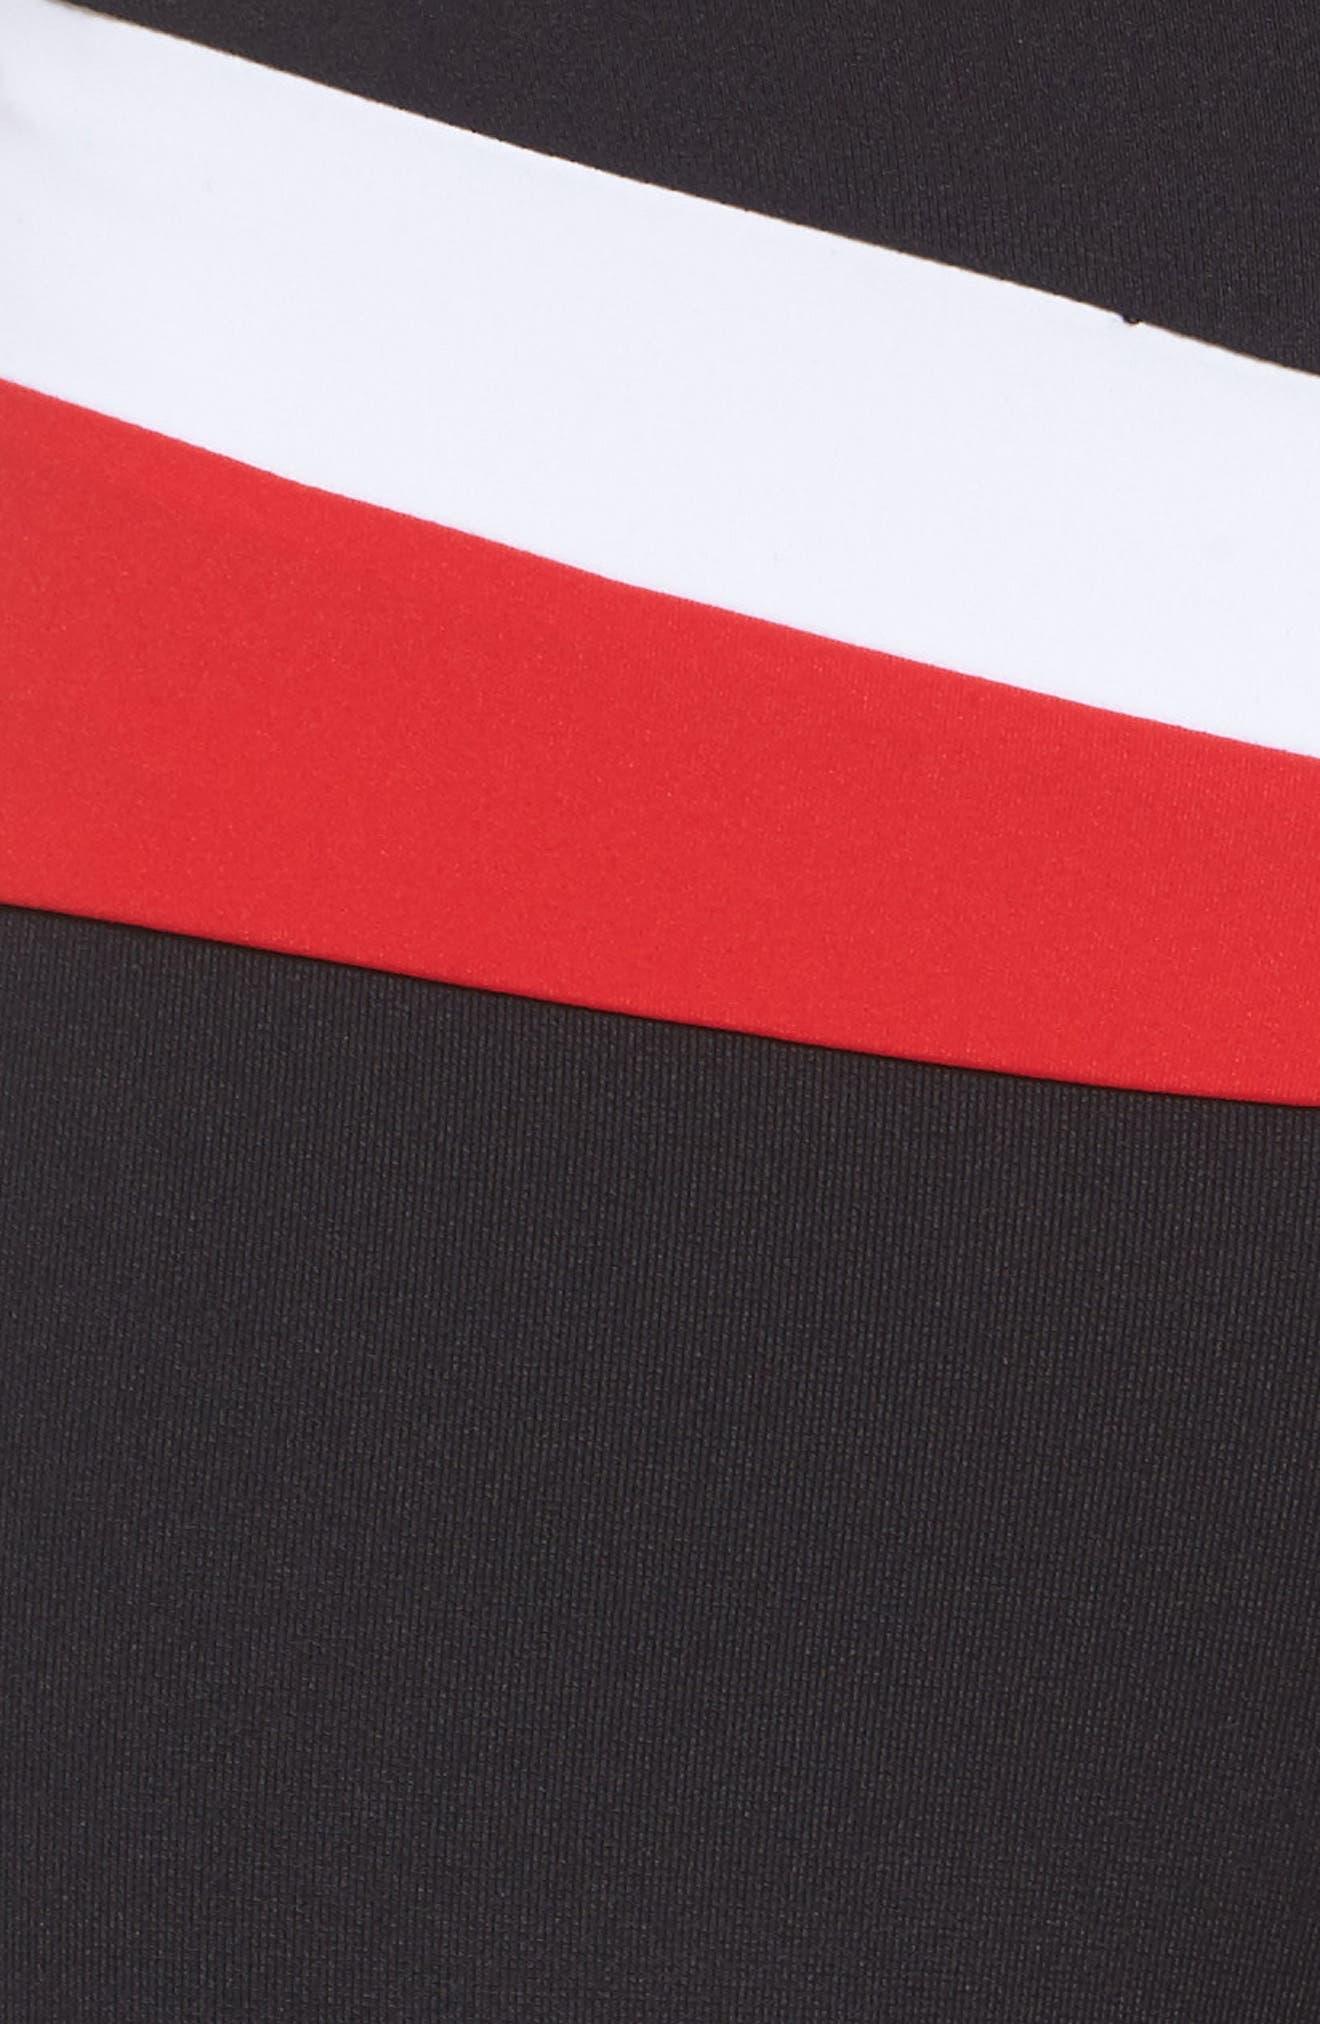 BoomBoom Athletica Leggings,                             Alternate thumbnail 6, color,                             Black/ White/ Red